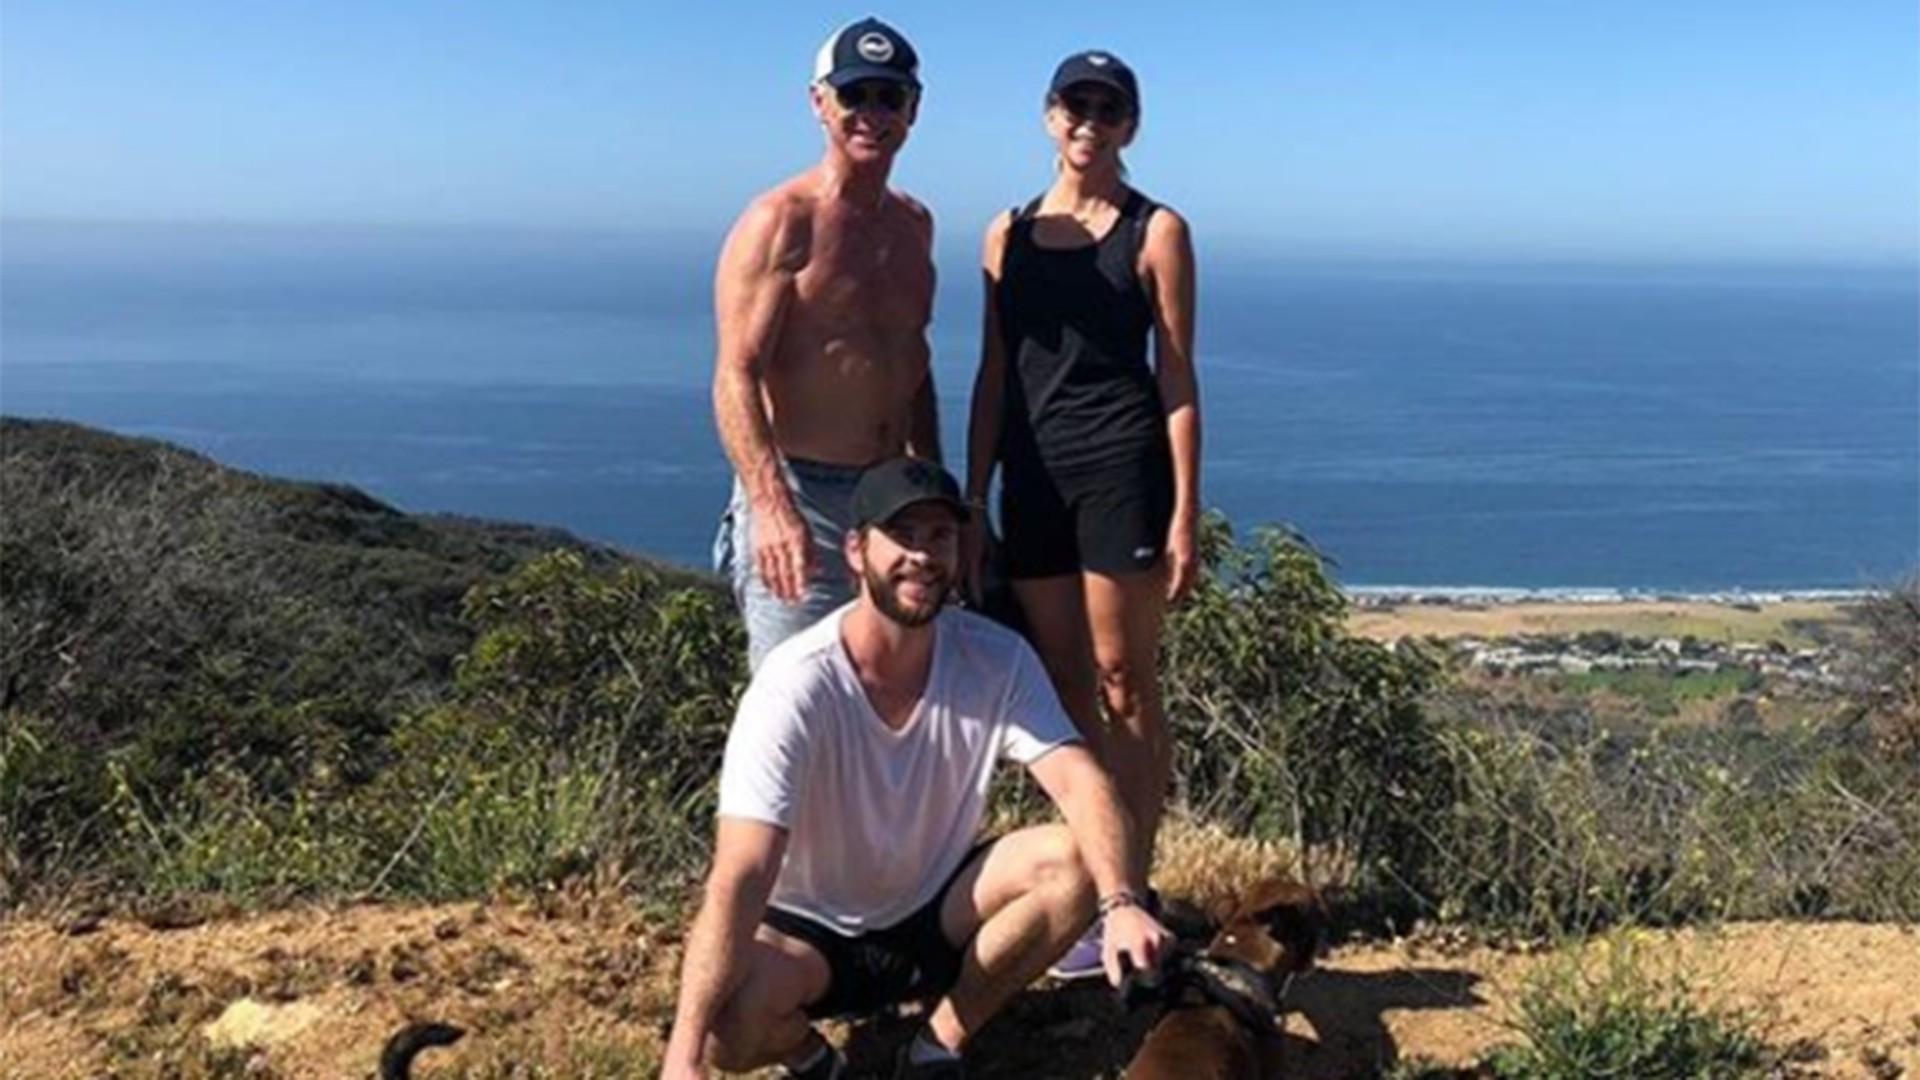 Trong bức hình chụp cùng cậu con út Liam, Craig Hemsworth còn khoe trọn cơ bắp cuồn cuộn